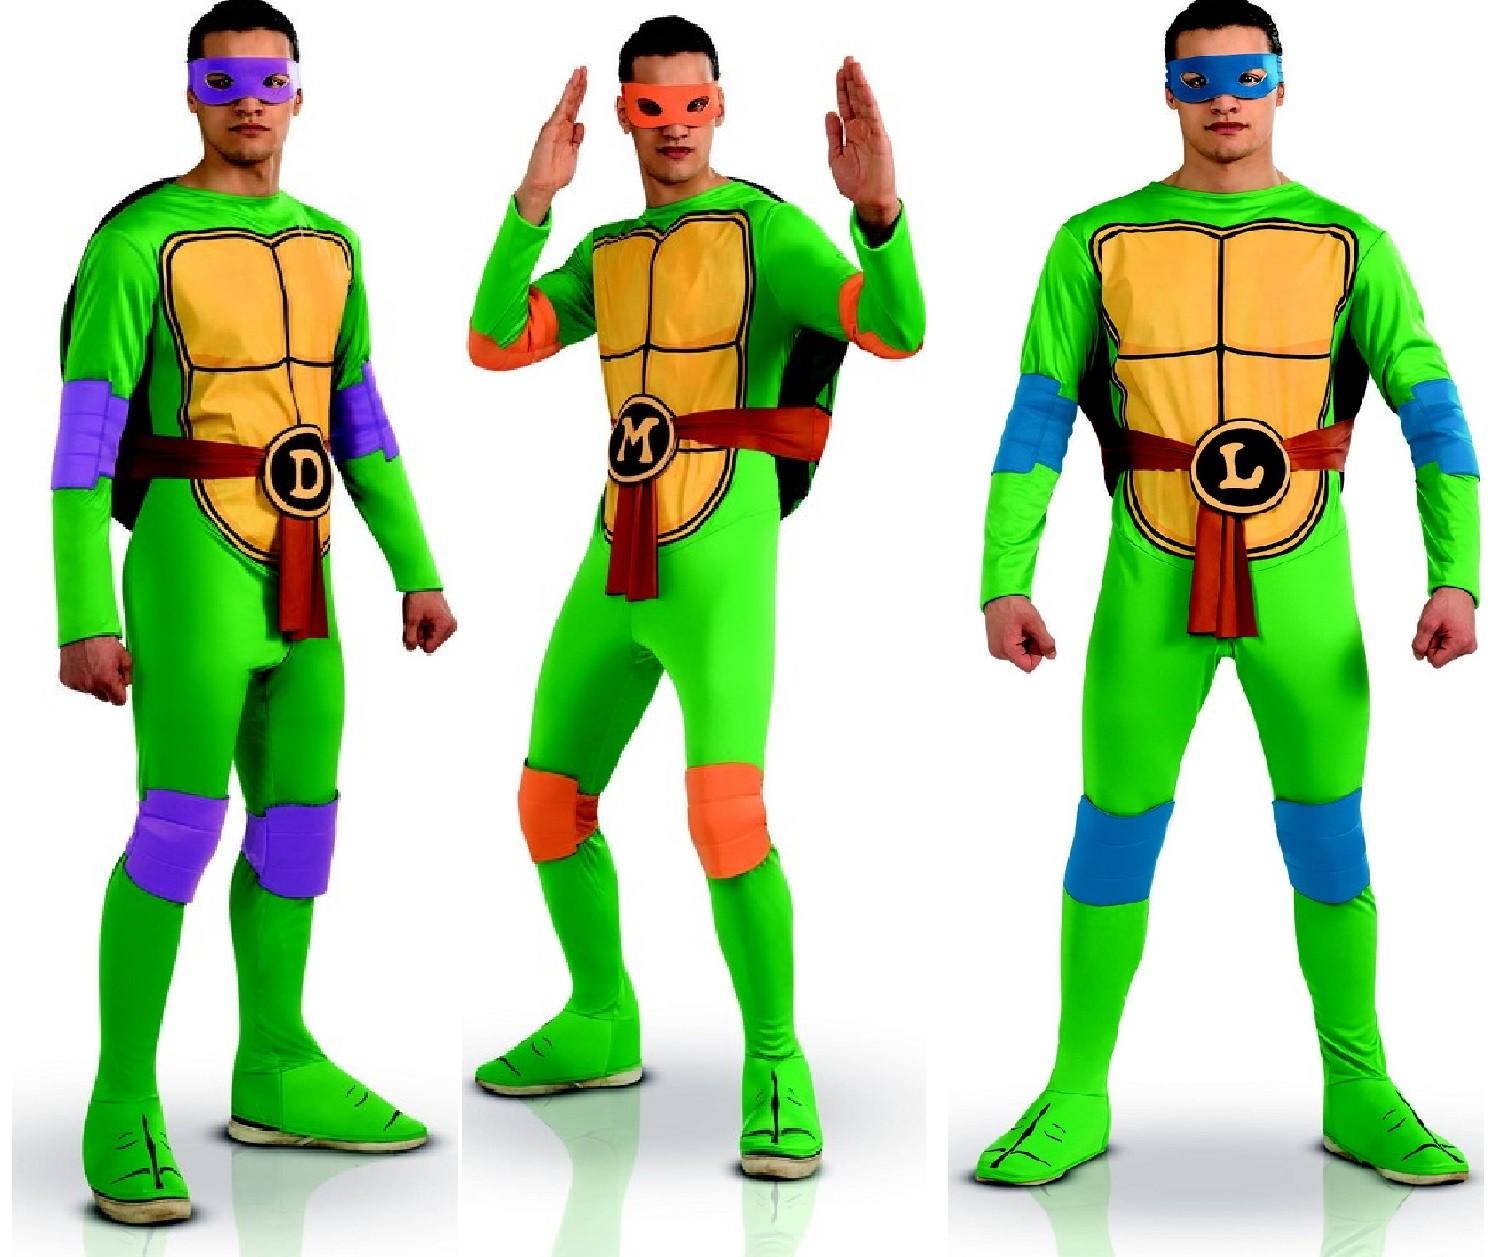 de ninja Disfraz Disfraz ninja mujer tortuga de mujer tortuga PTkXwiuOZl